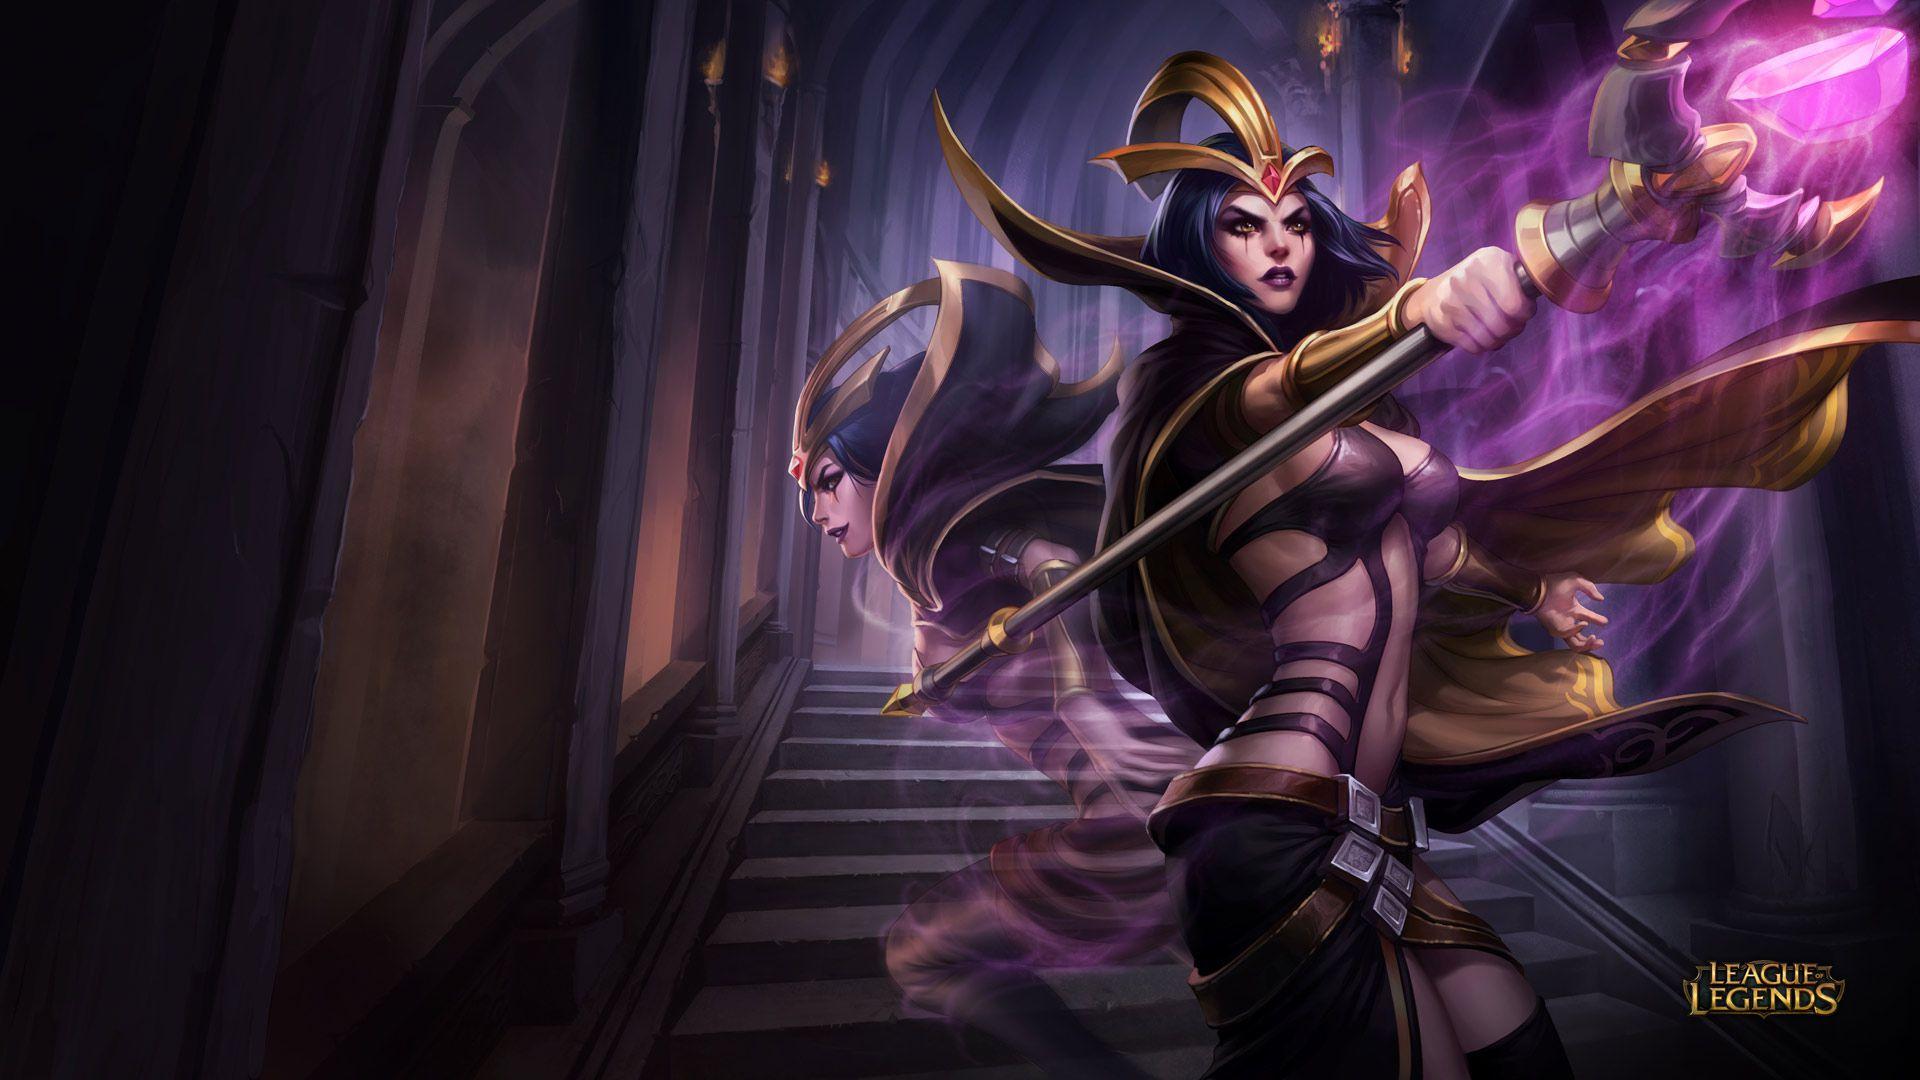 LeBlanc - League of Legends Wallpapers